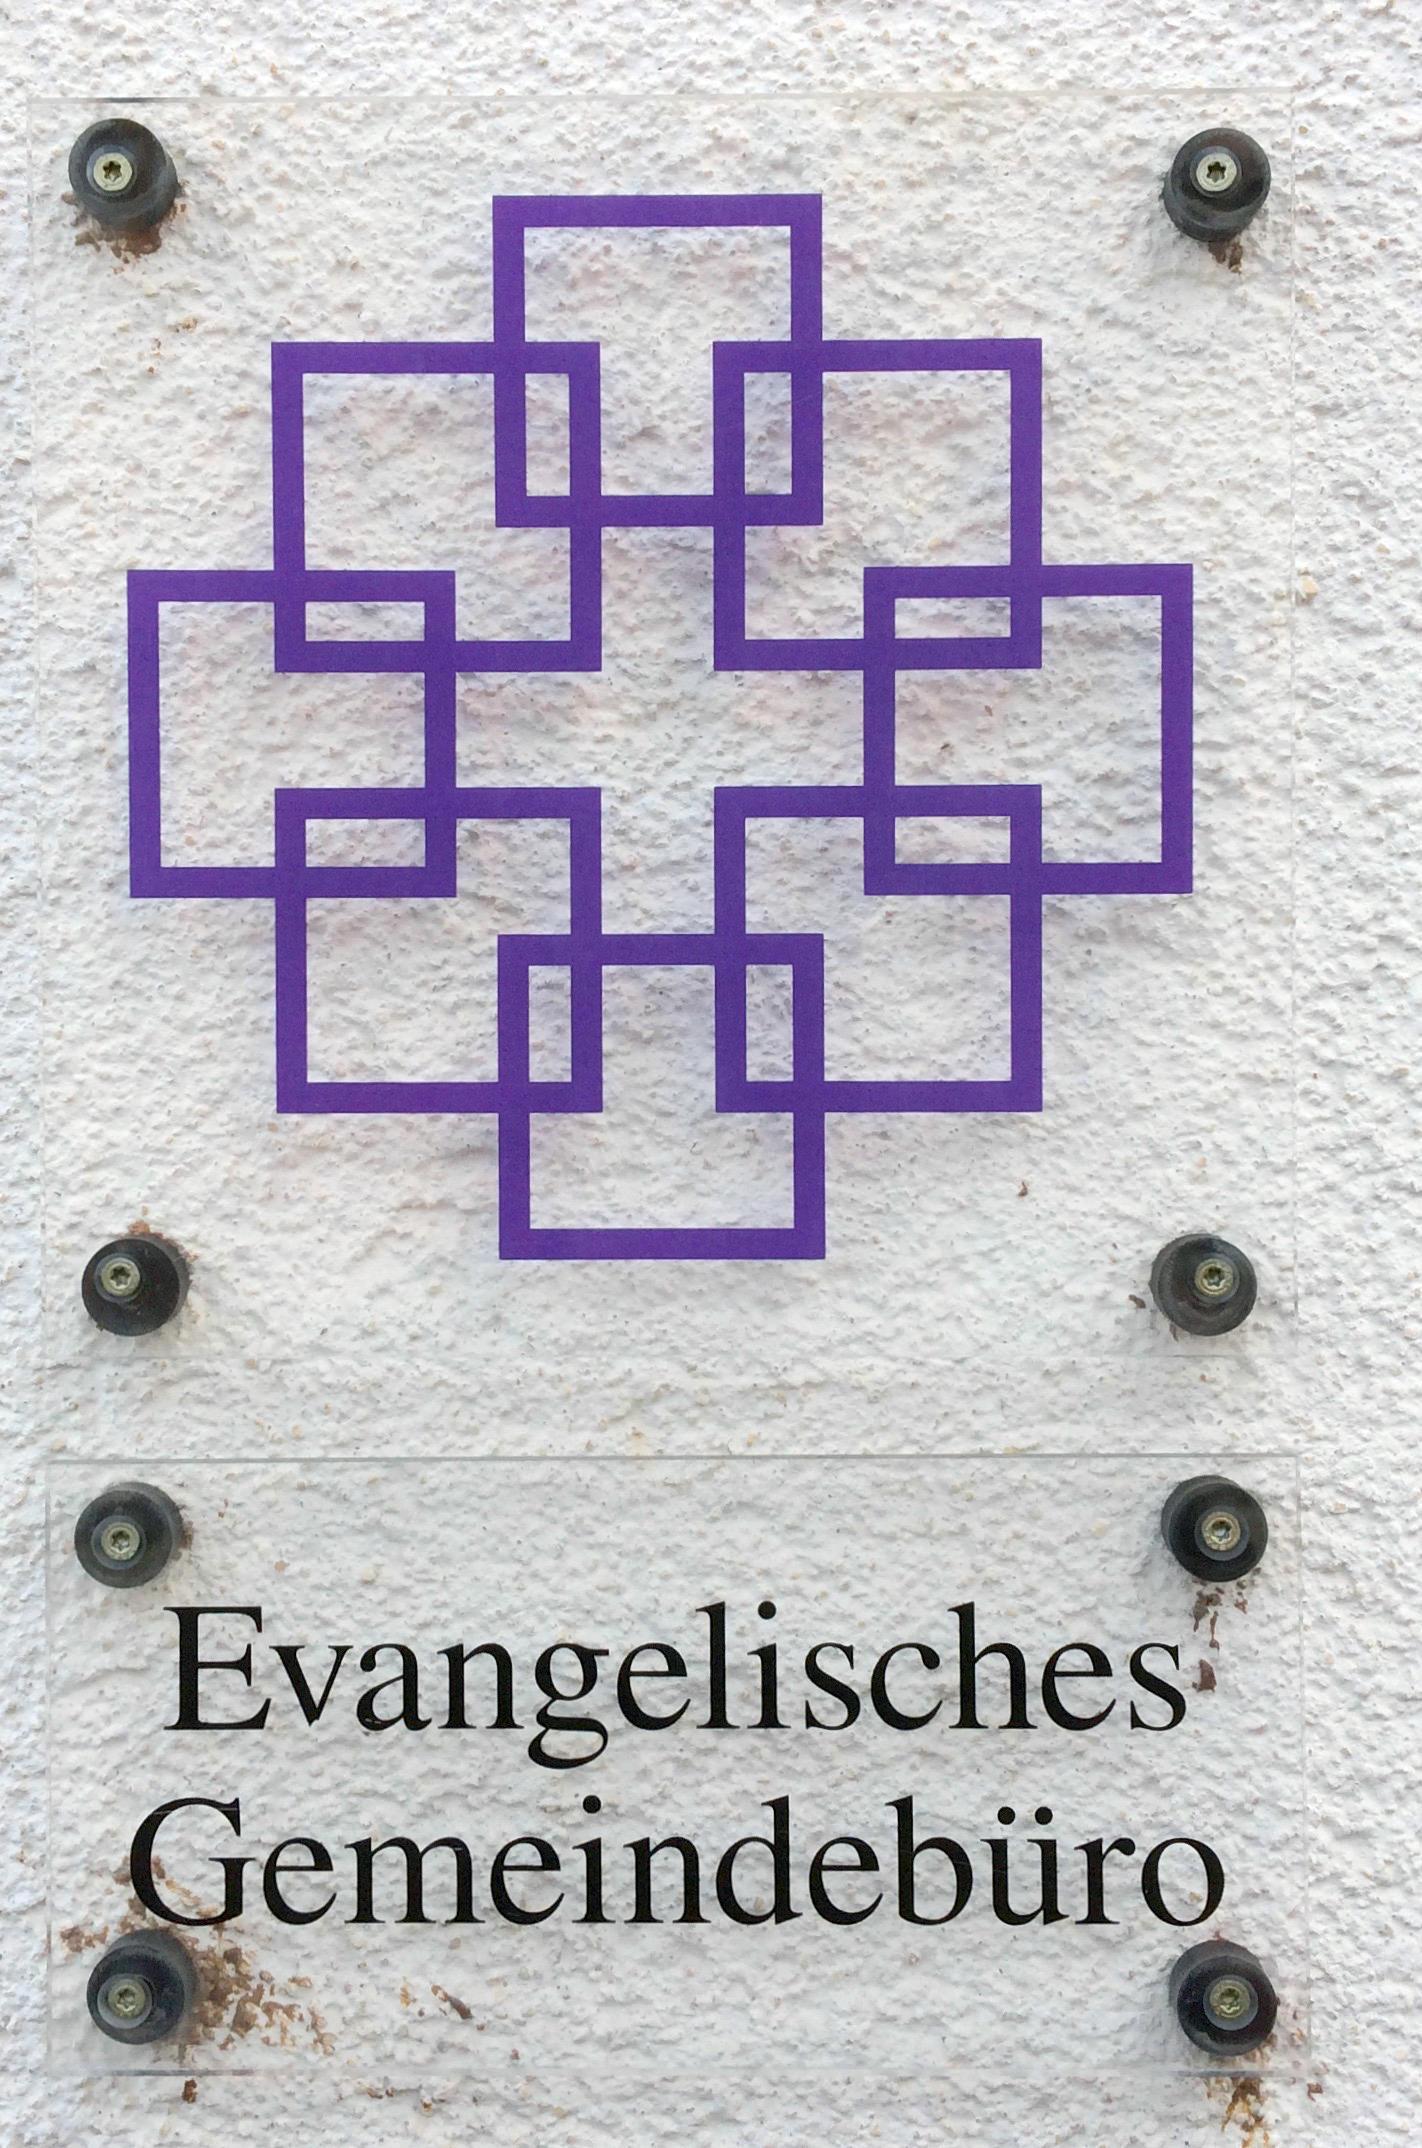 Evangelisches Gemeindebüro